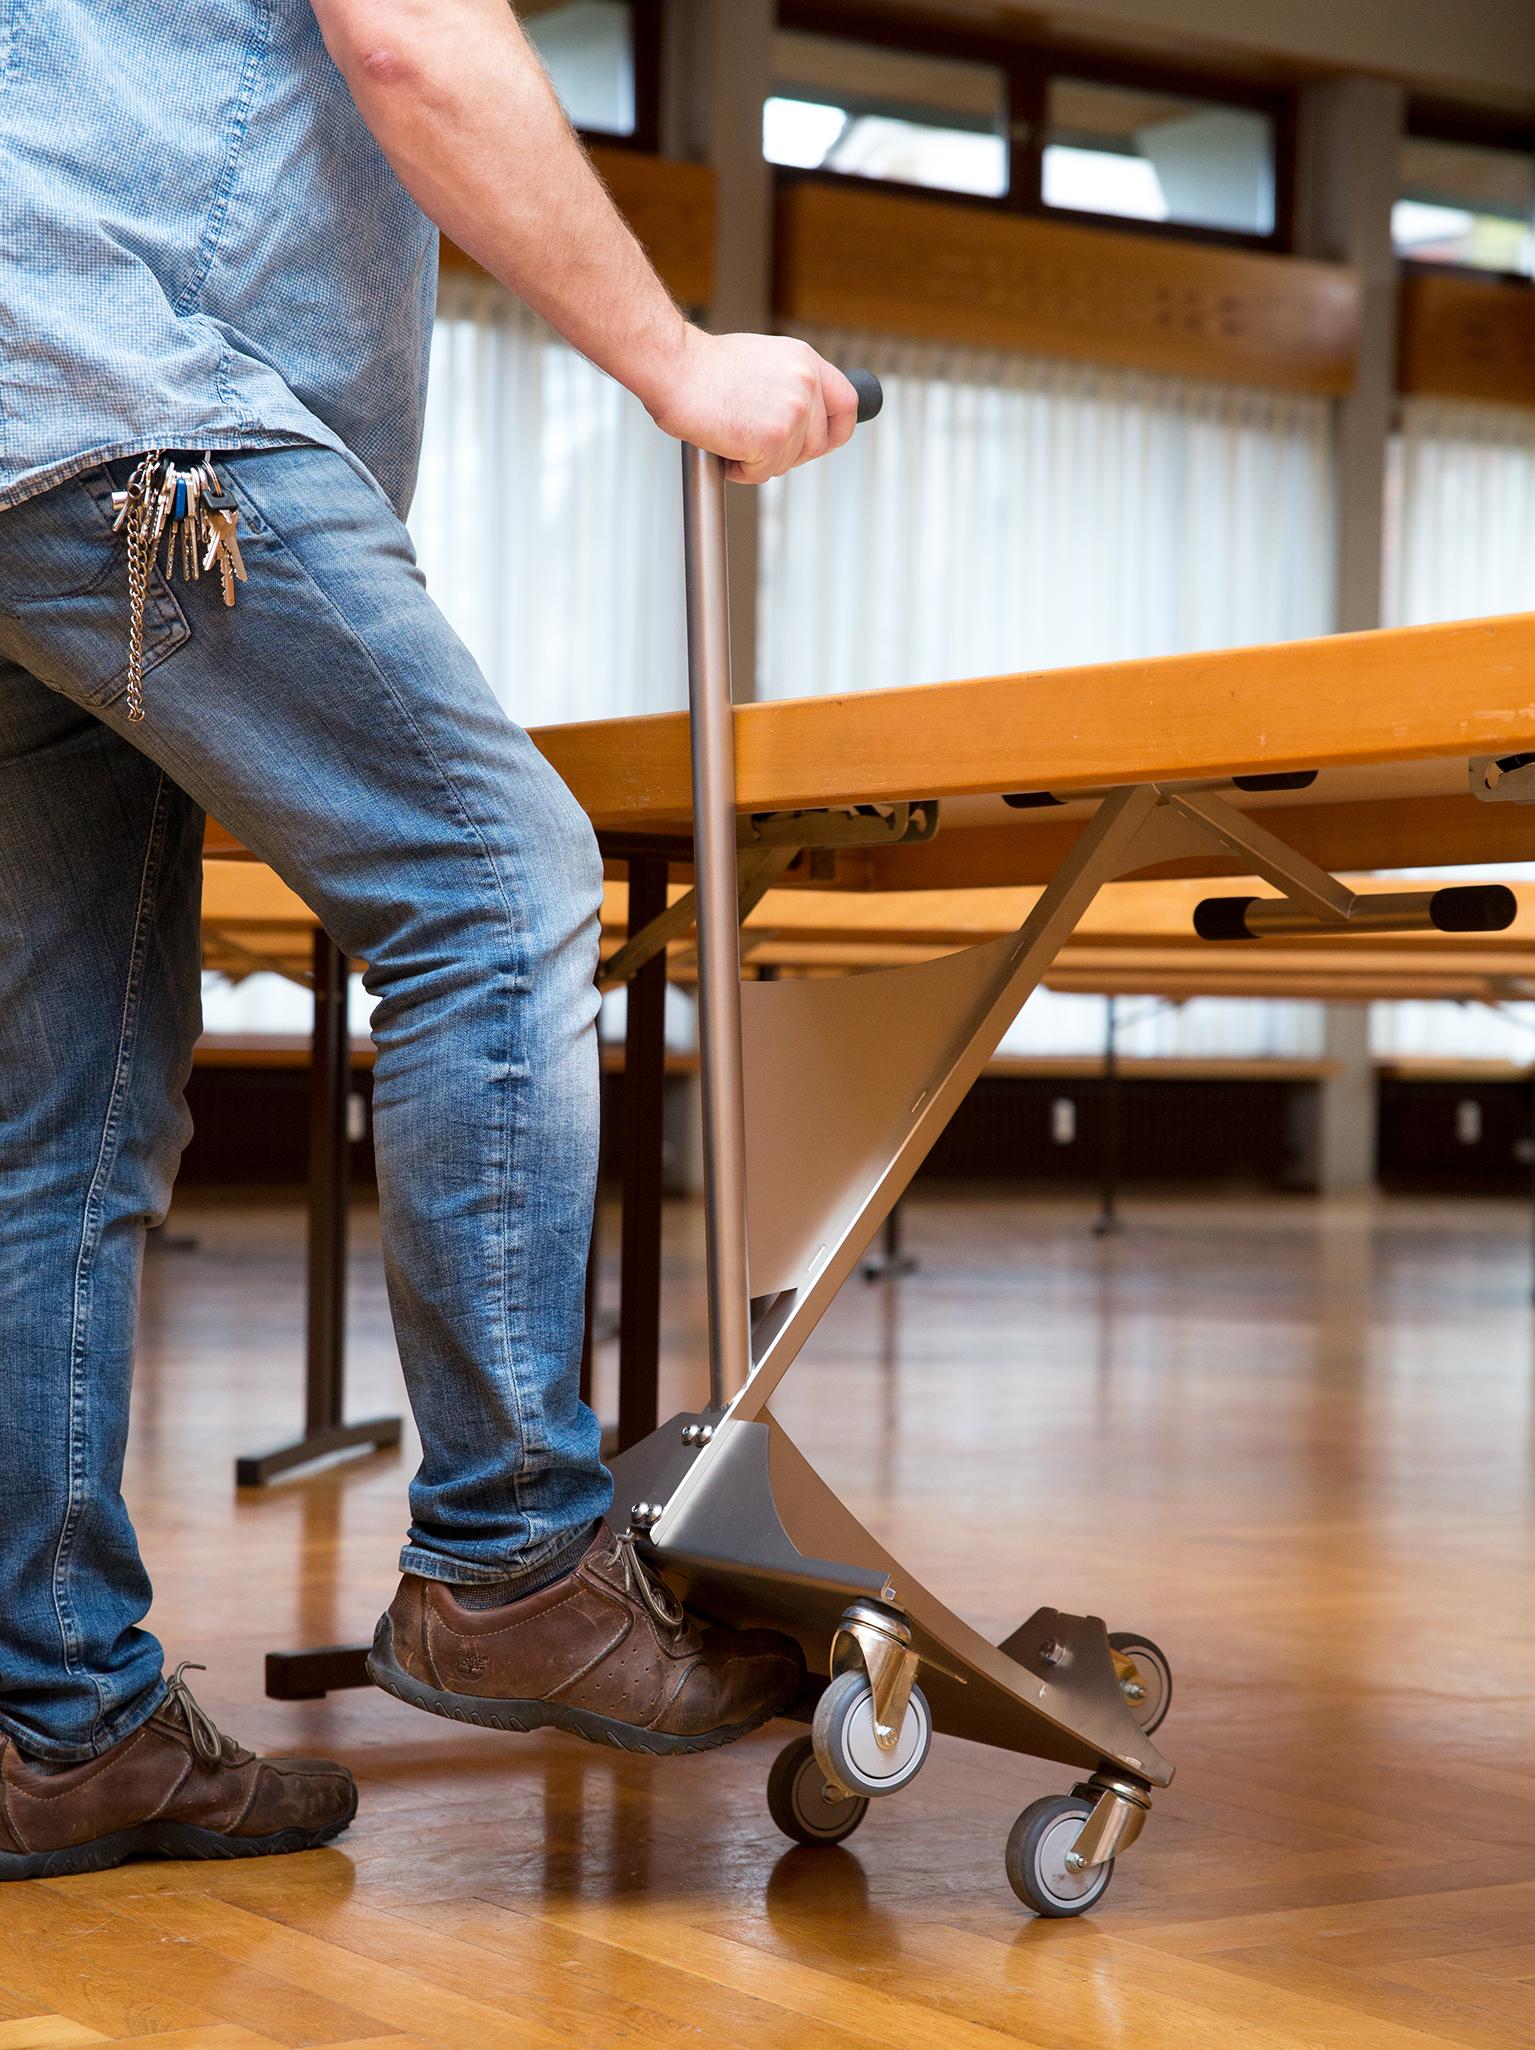 Die Ludwigsburger Kreiszeitung | www.lkz.de schreibt über die Tischtransport-Tüftler